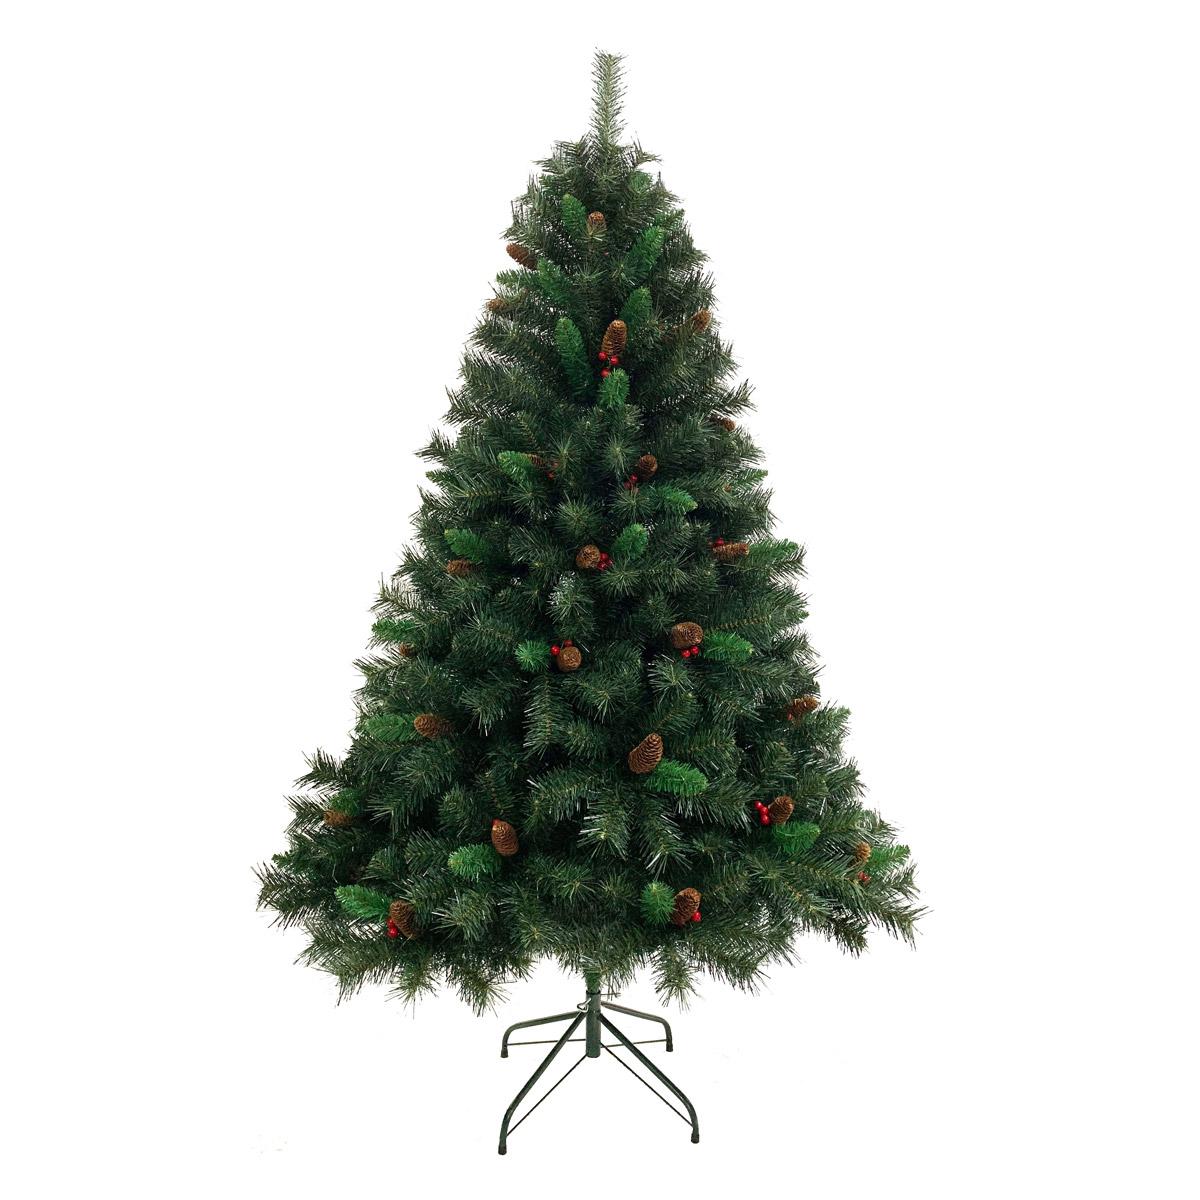 92025 SVITA Weihnachtsbaum künstlich mit Tannenzapfen und roten Beeren 180 cm